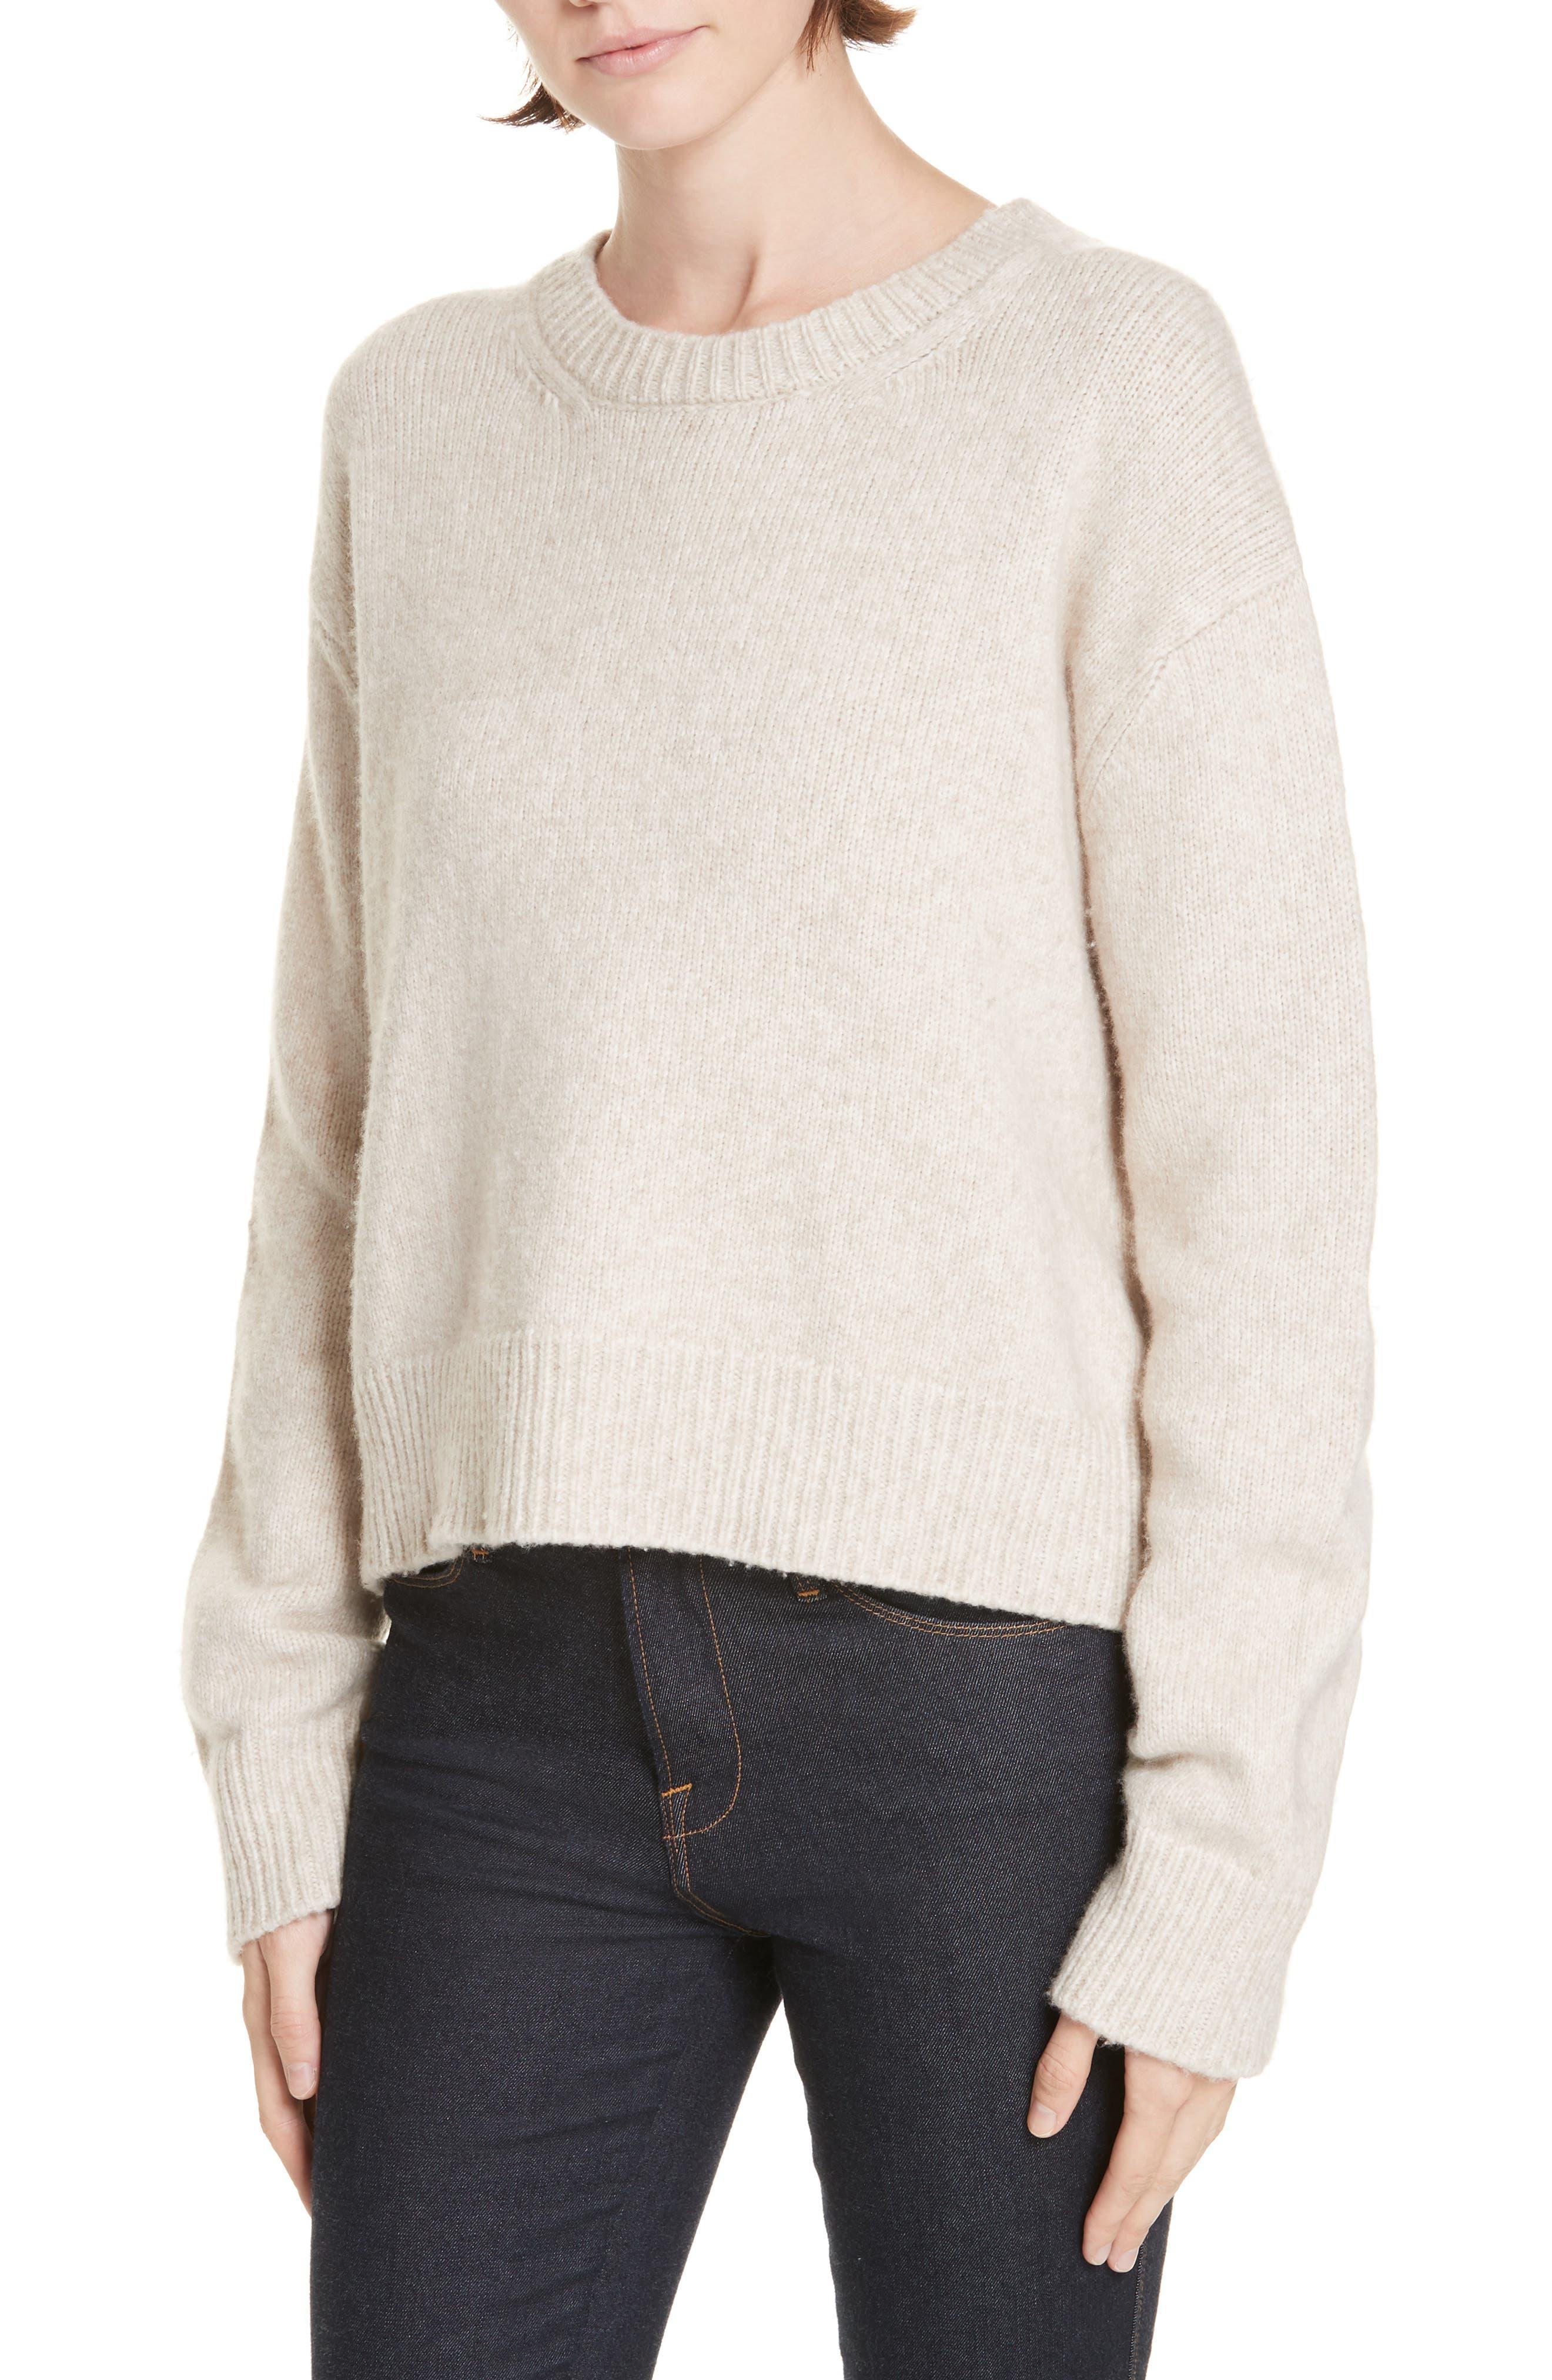 JENNI KAYNE Atlas Sweater in Oatmeal